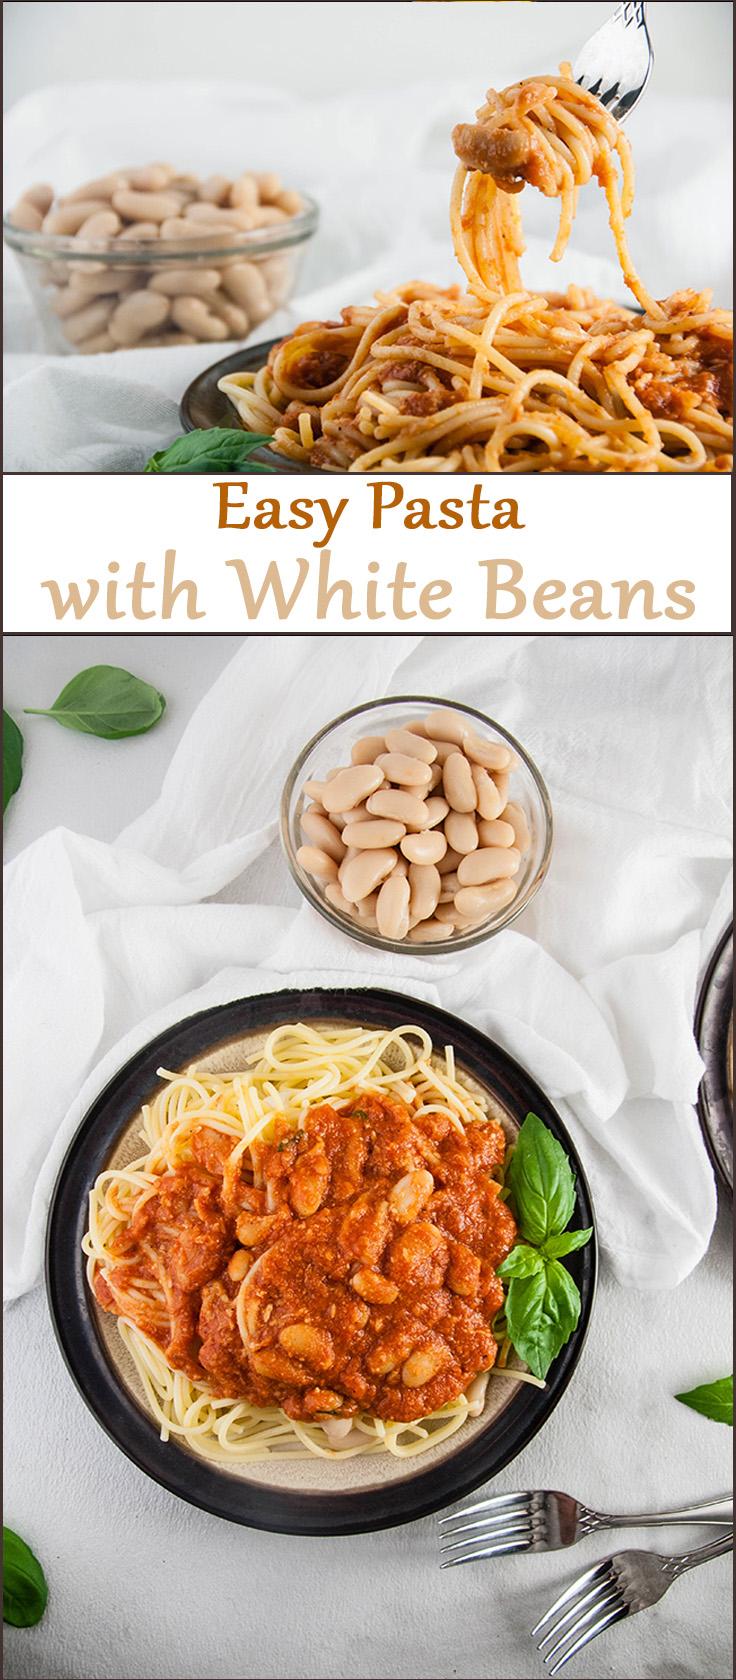 Easy Pasta with White Beans from www.SeasonedSprinkles.com